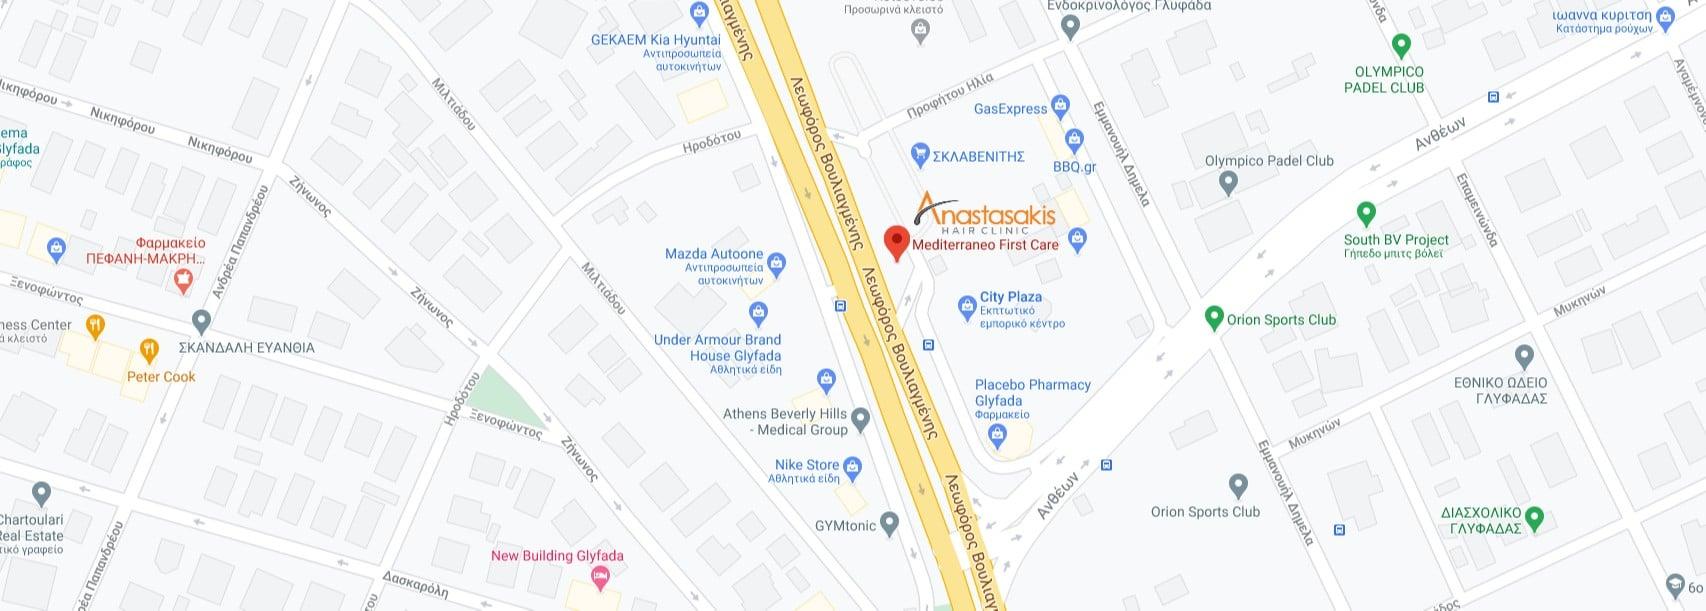 Χάρτης για την anastasakis hair clinic εντός του mediterraneo first care στη Γλυφάδα